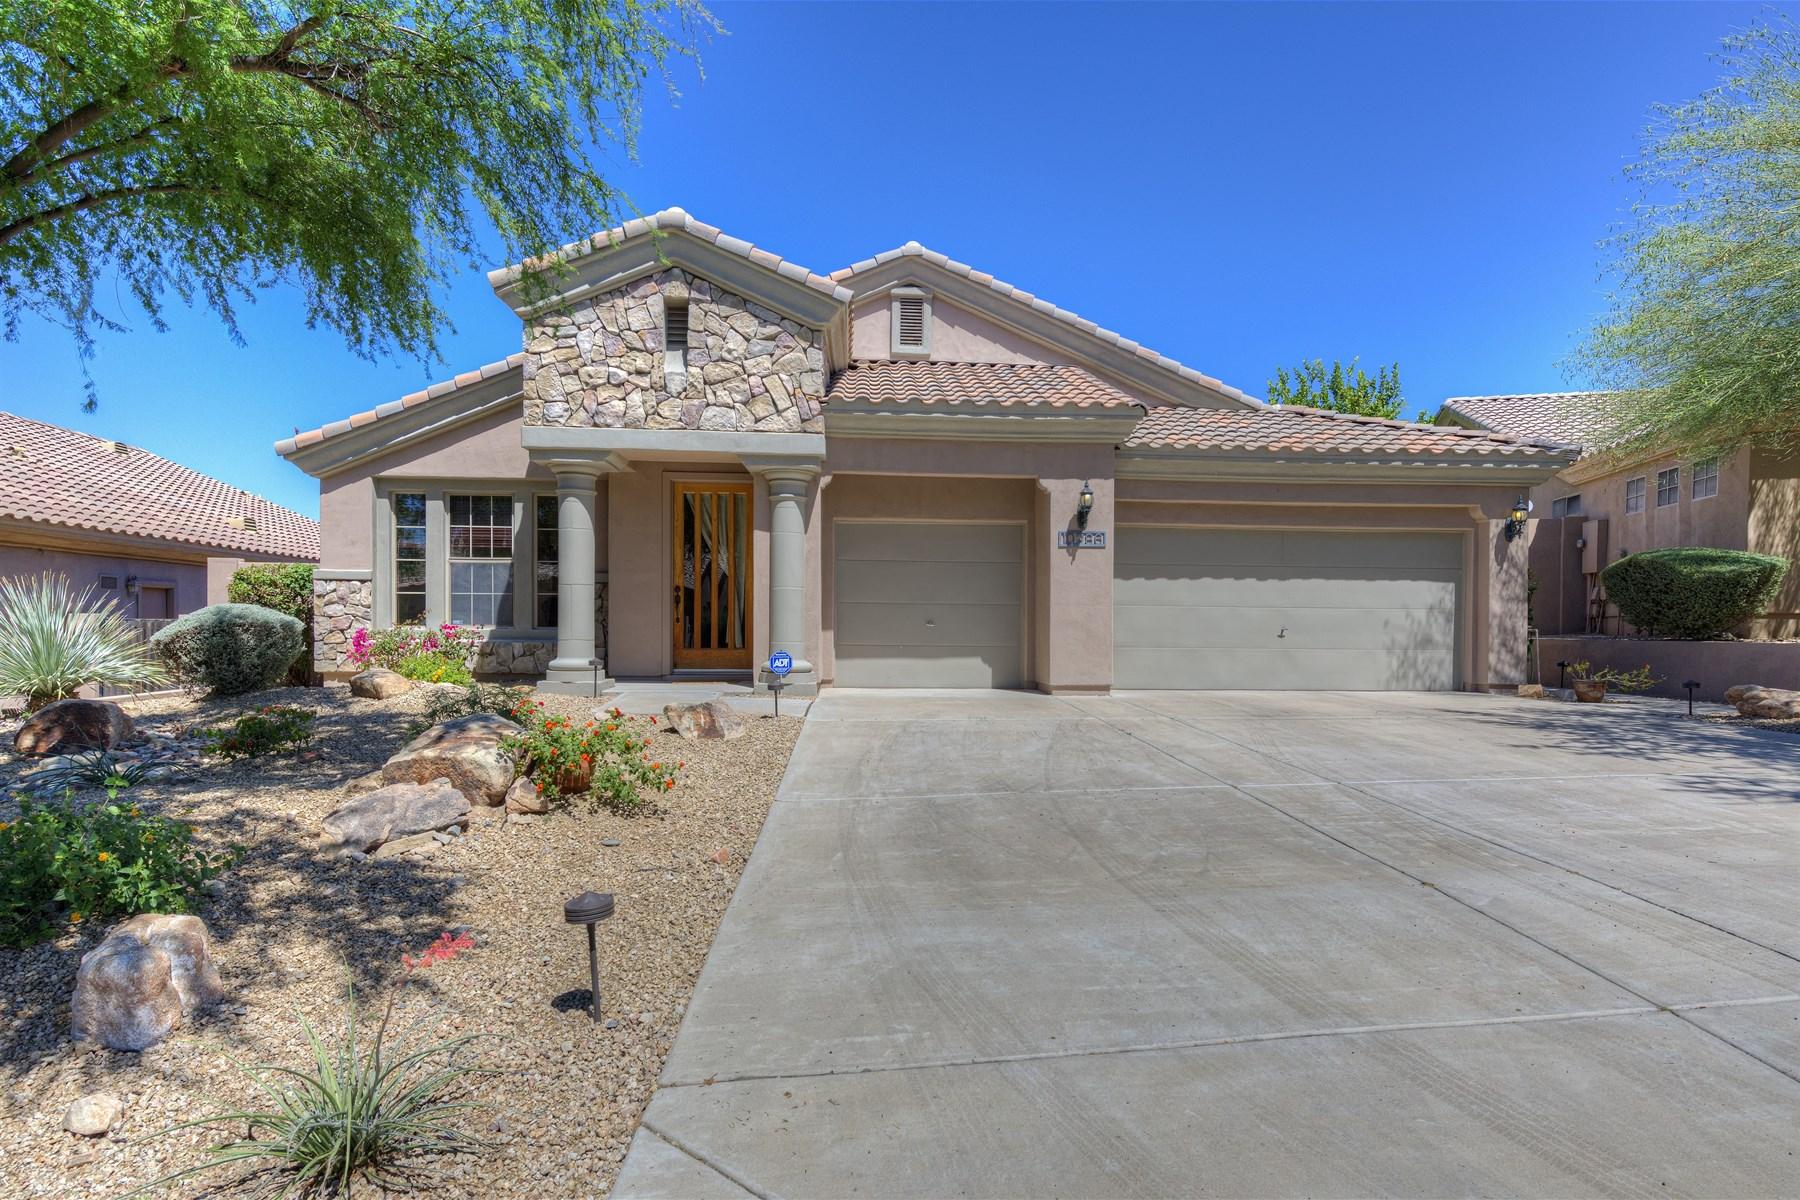 Nhà ở một gia đình vì Bán tại Modified San Miguel floor plan now offers a second den/office. 10286 E JASMINE DR Scottsdale, Arizona 85255 Hoa Kỳ